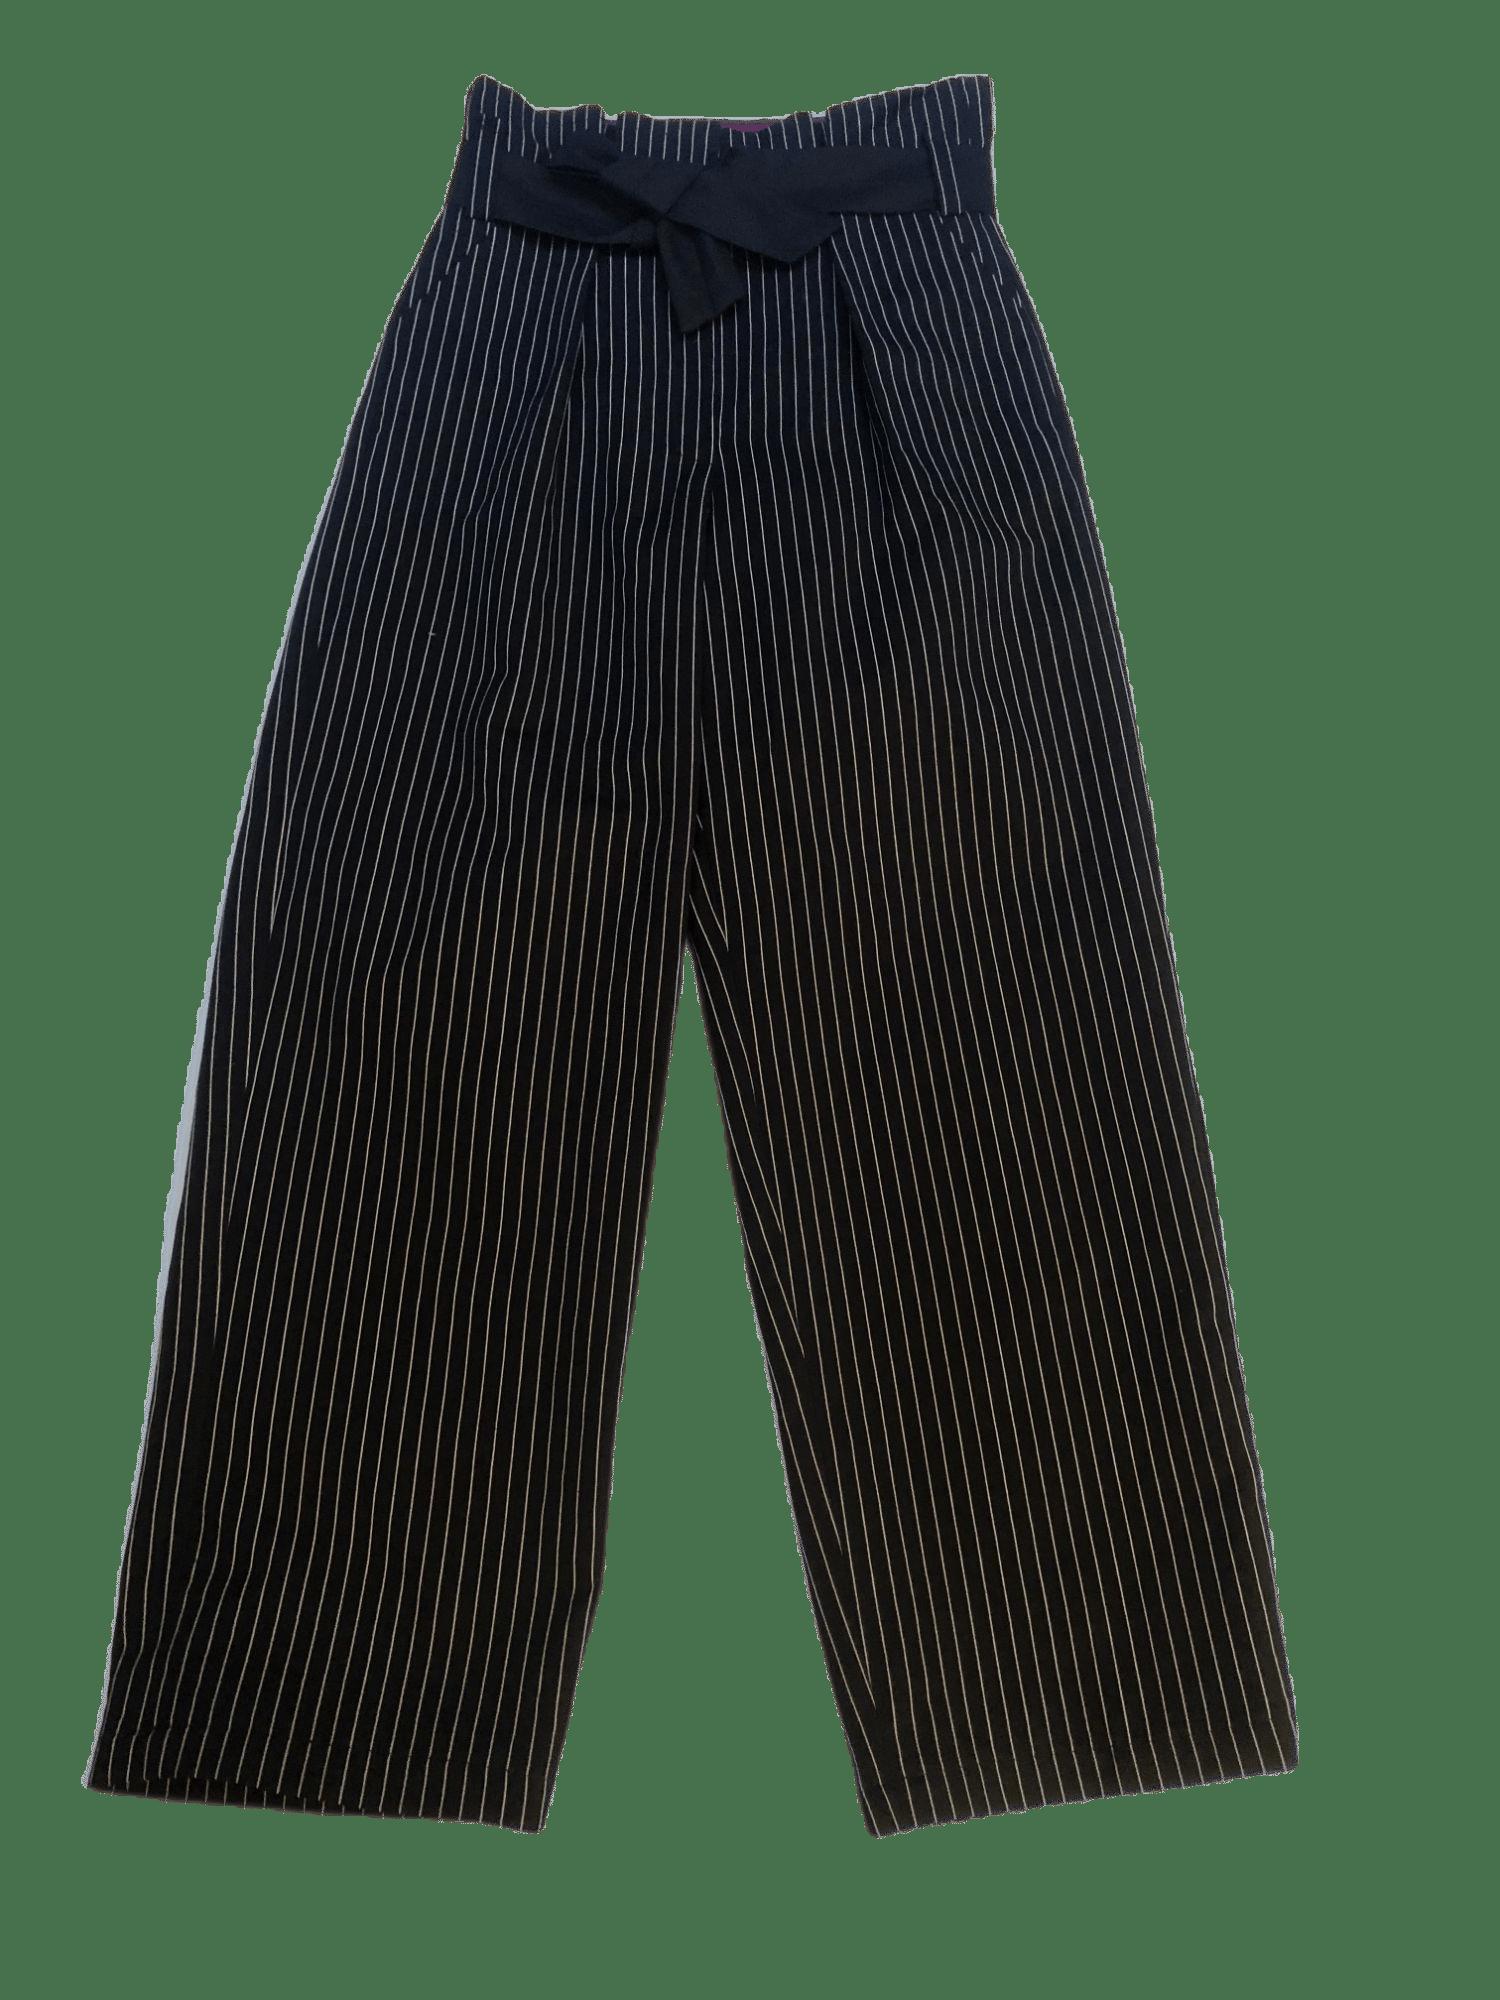 Image of Pantalon Louisa rayé